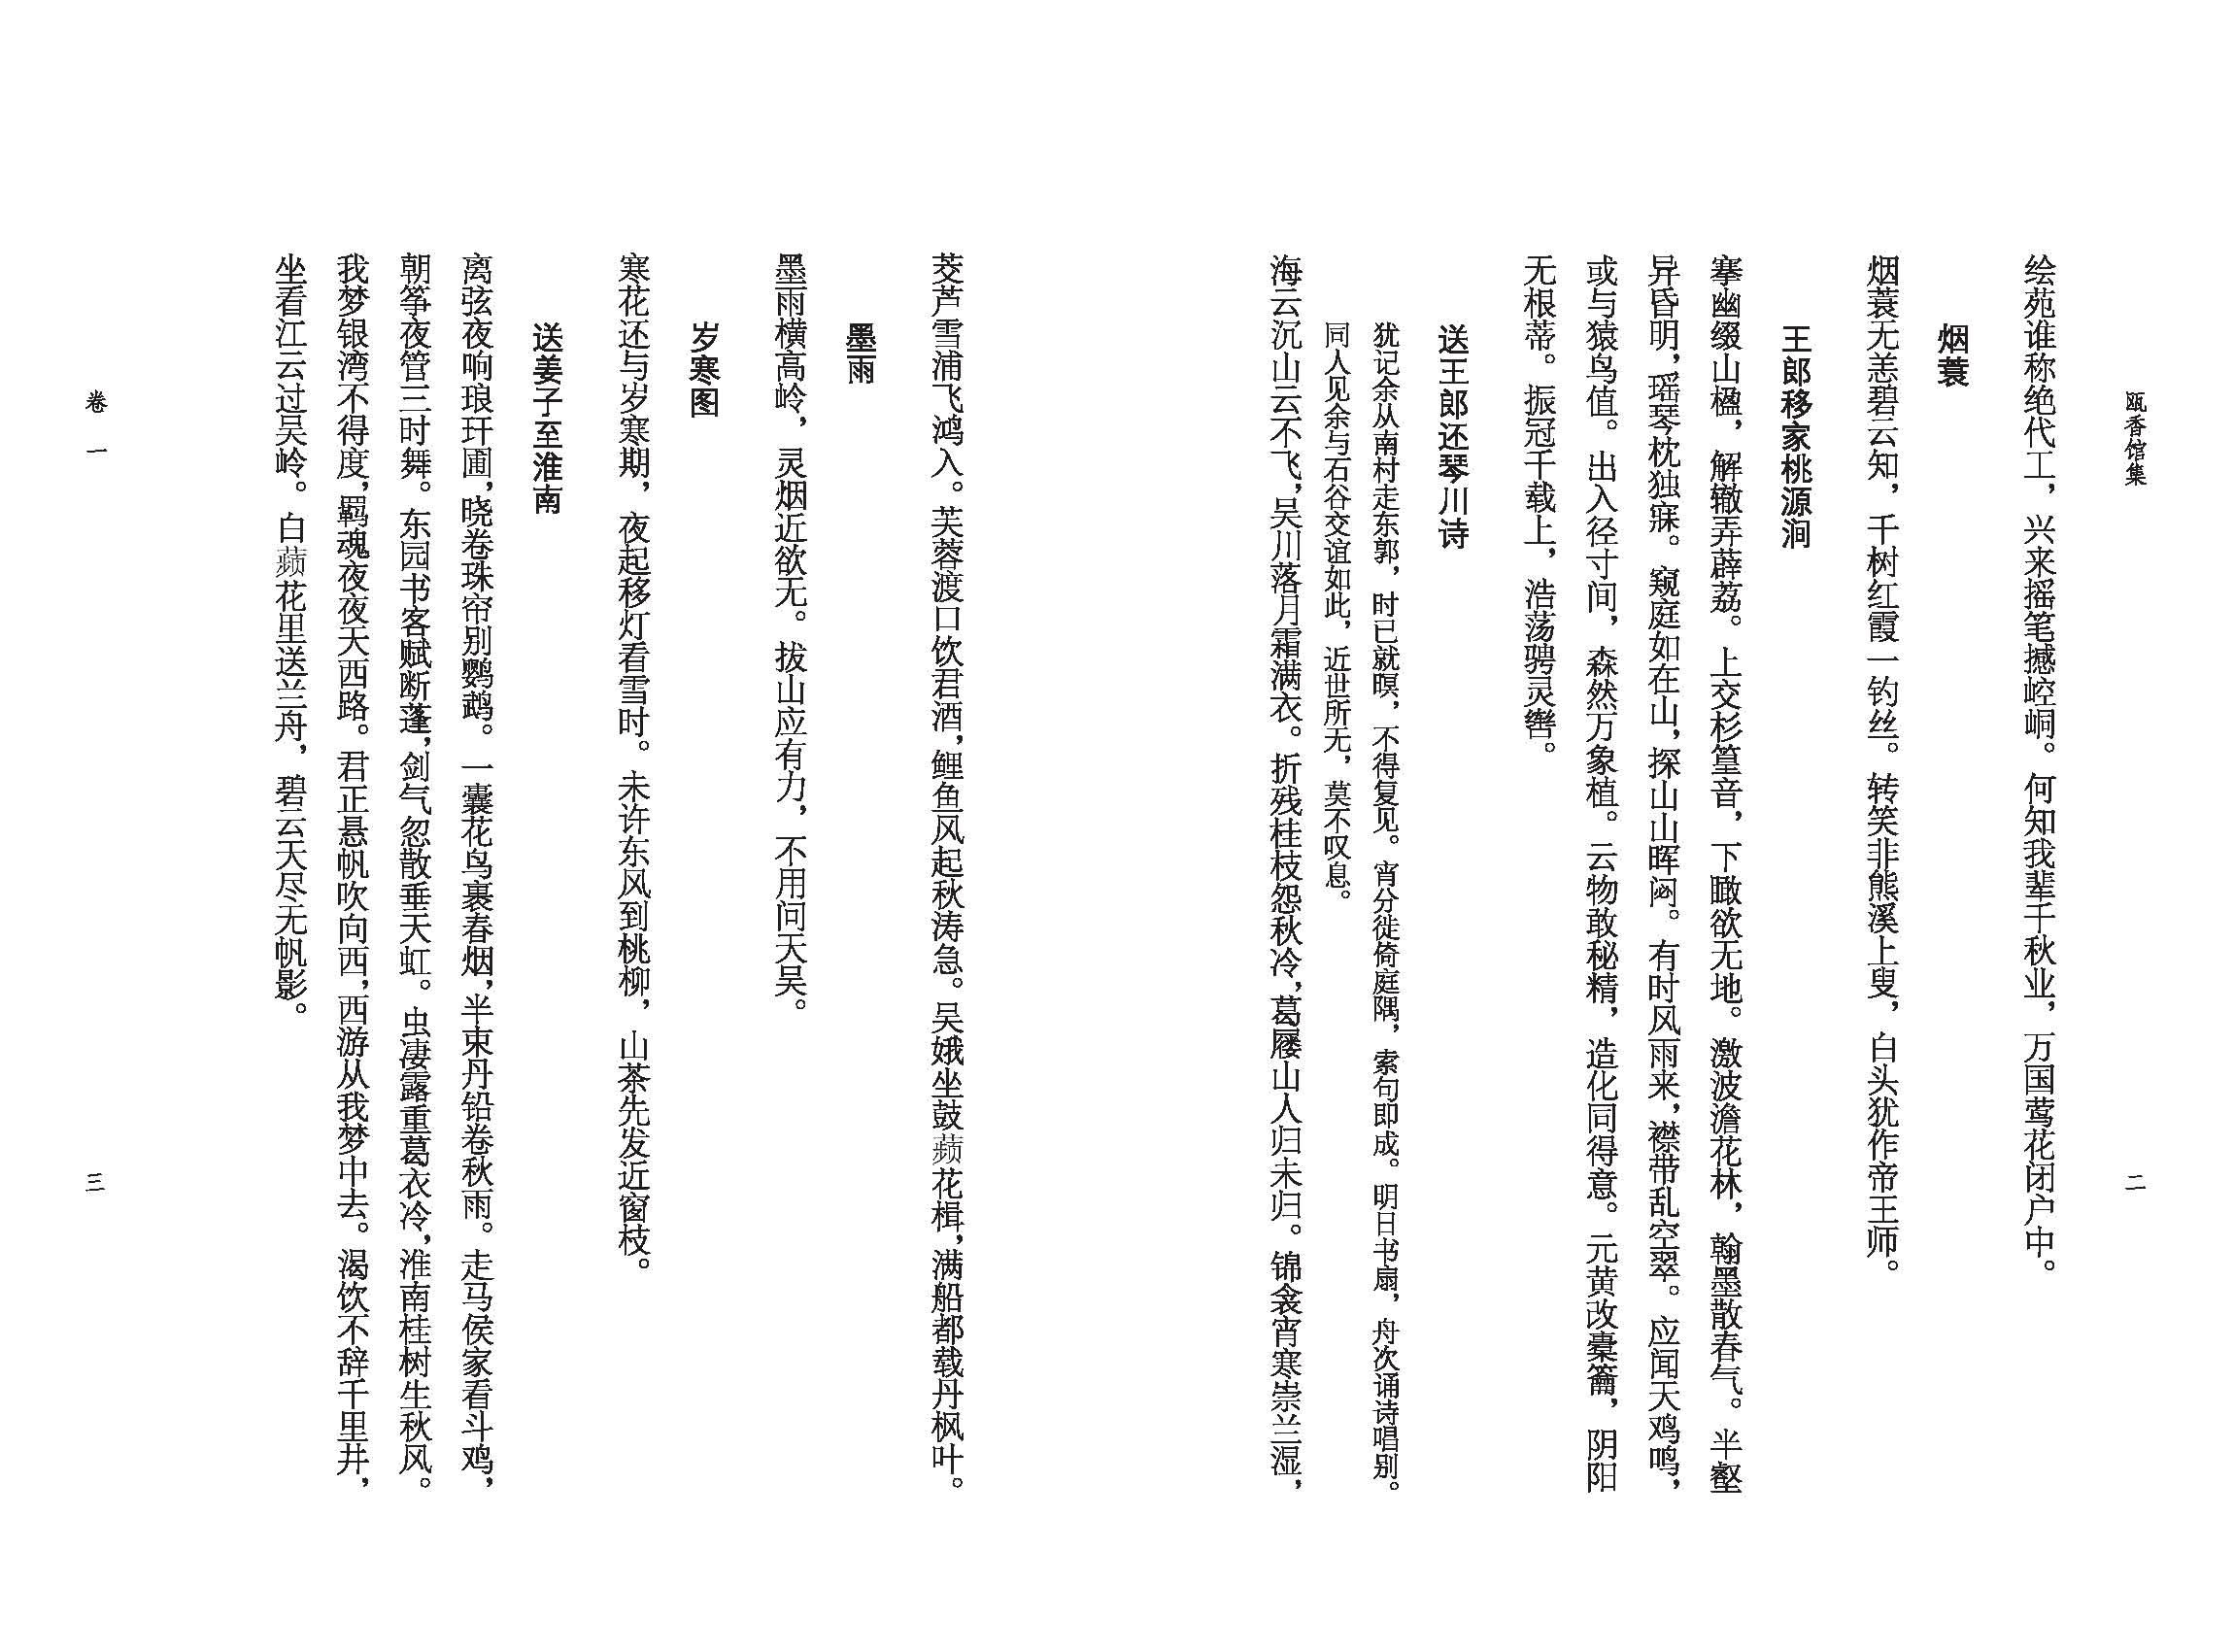 《瓯香馆集(中国古代书画家诗文集丛书)》(图片